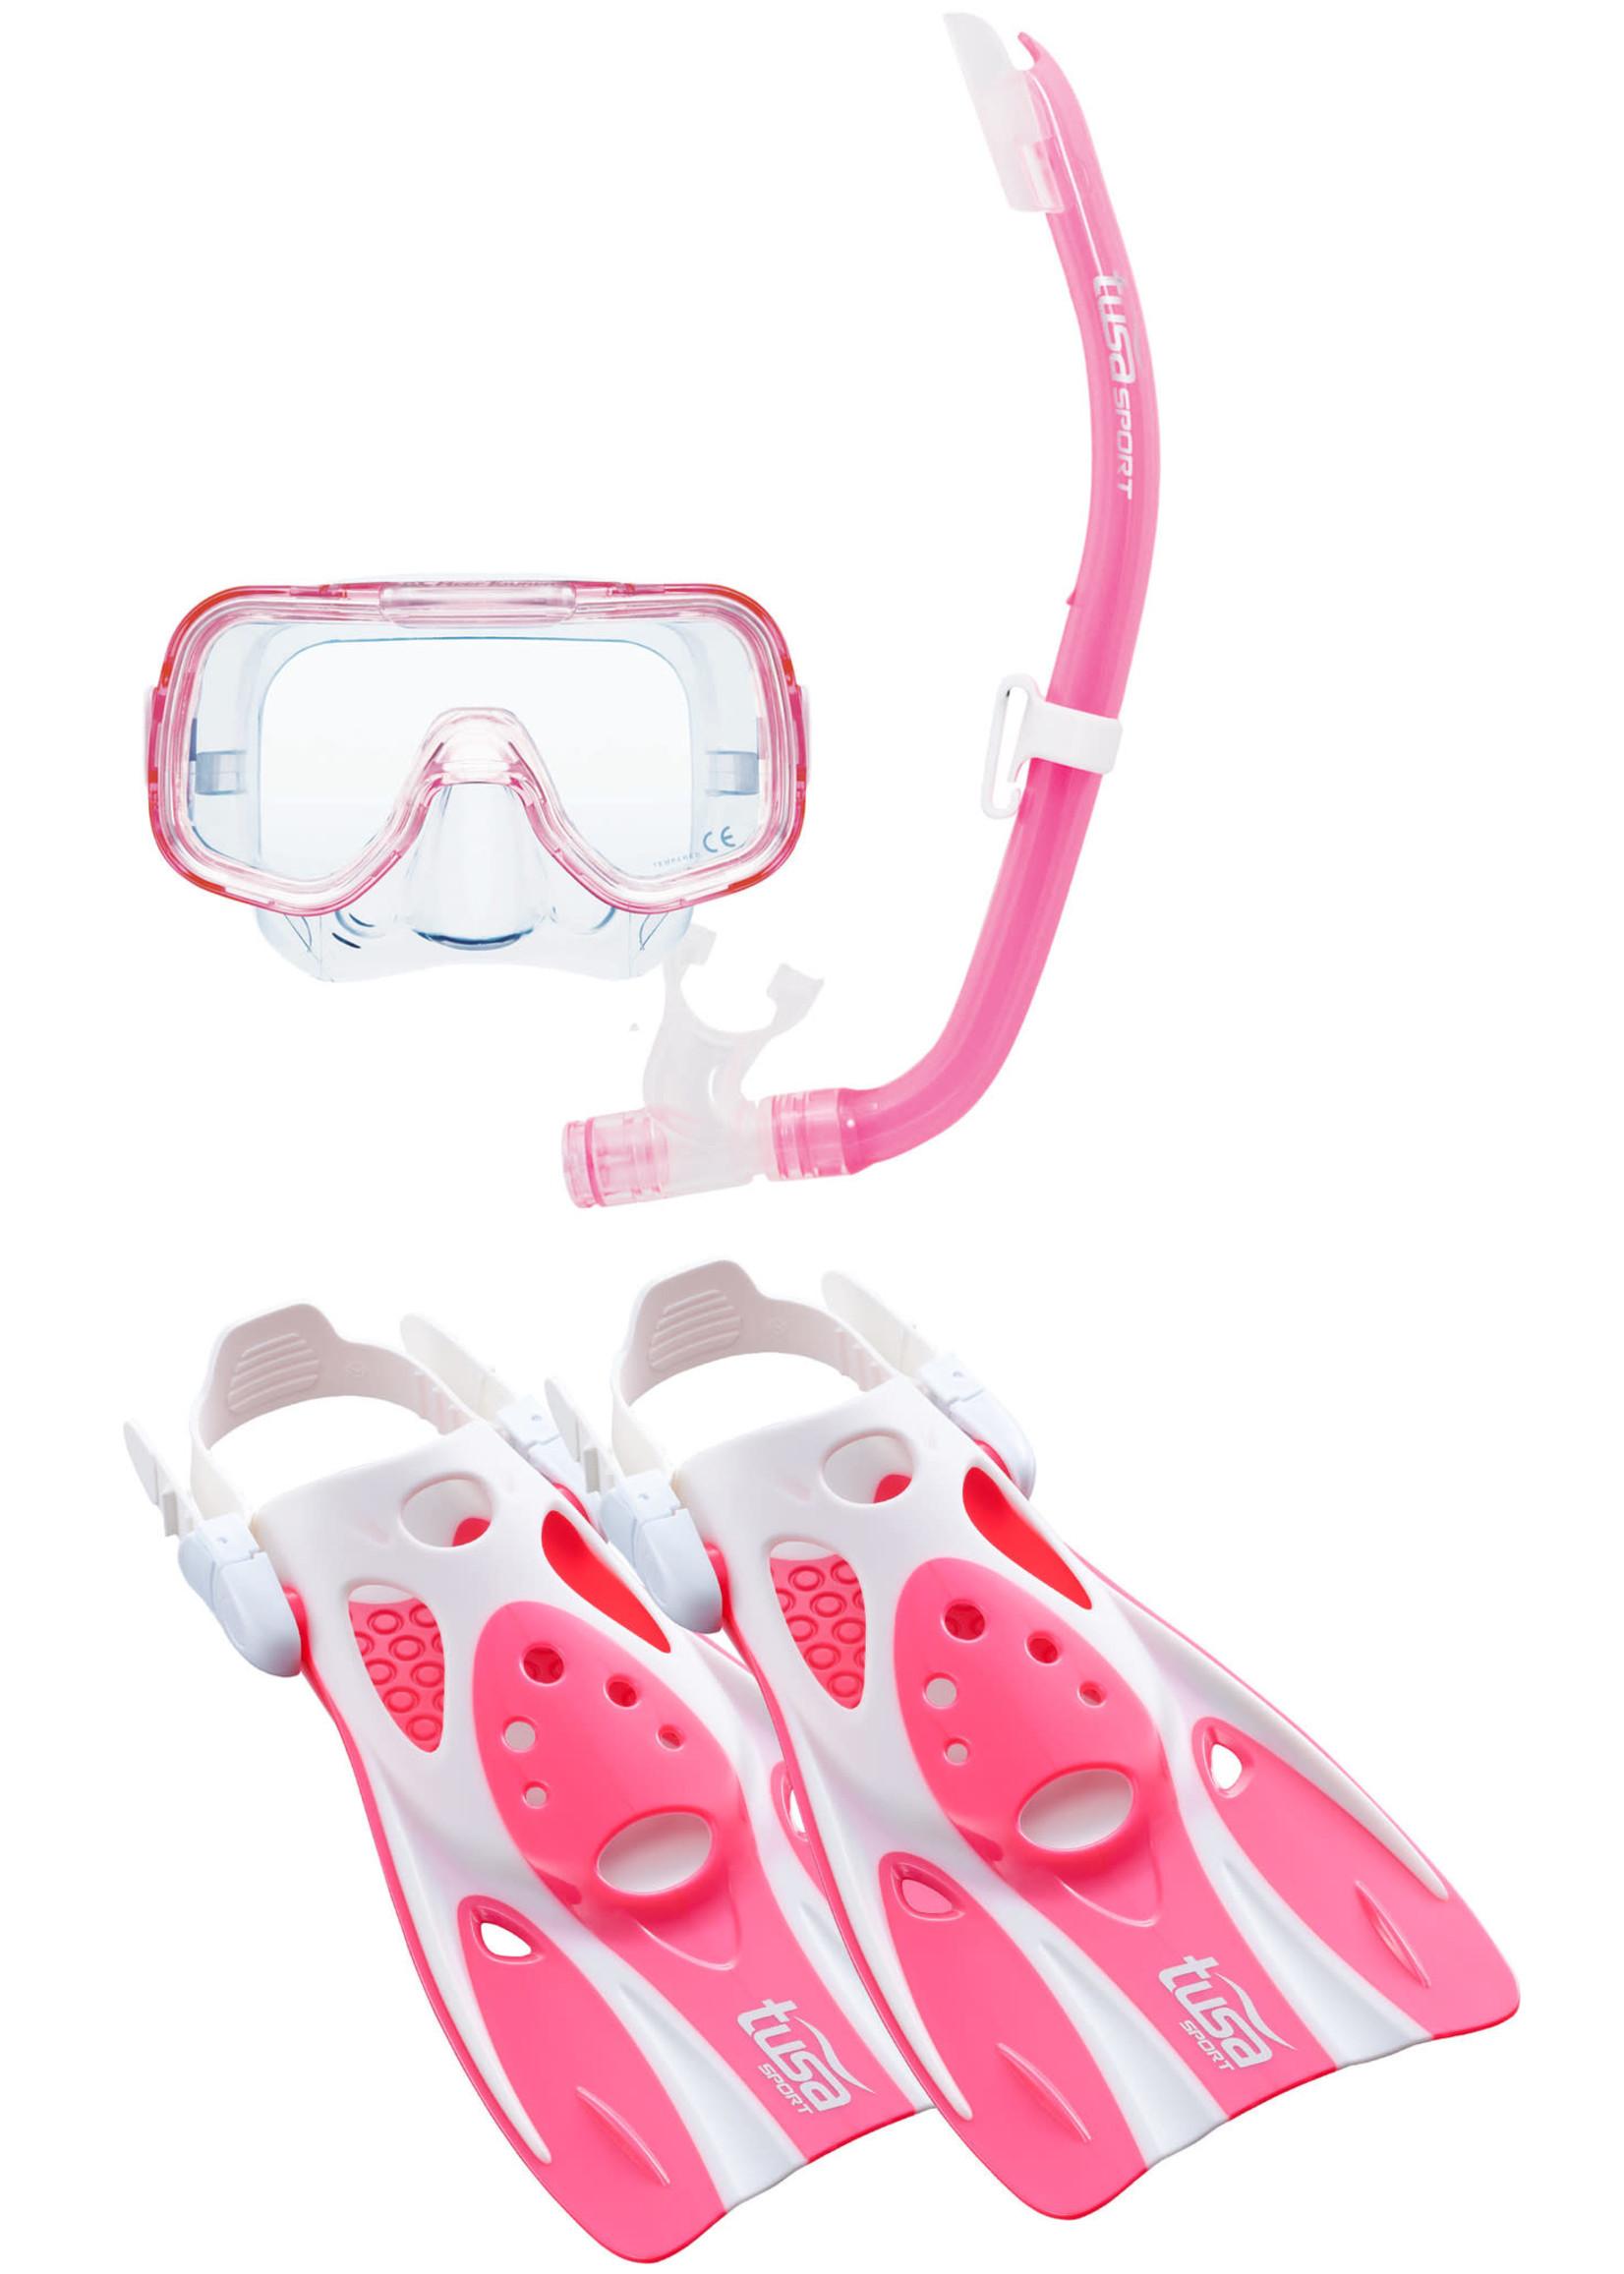 TUSA TUSA Mini-Kleio Hyperdry Youth Travel Set - Pink